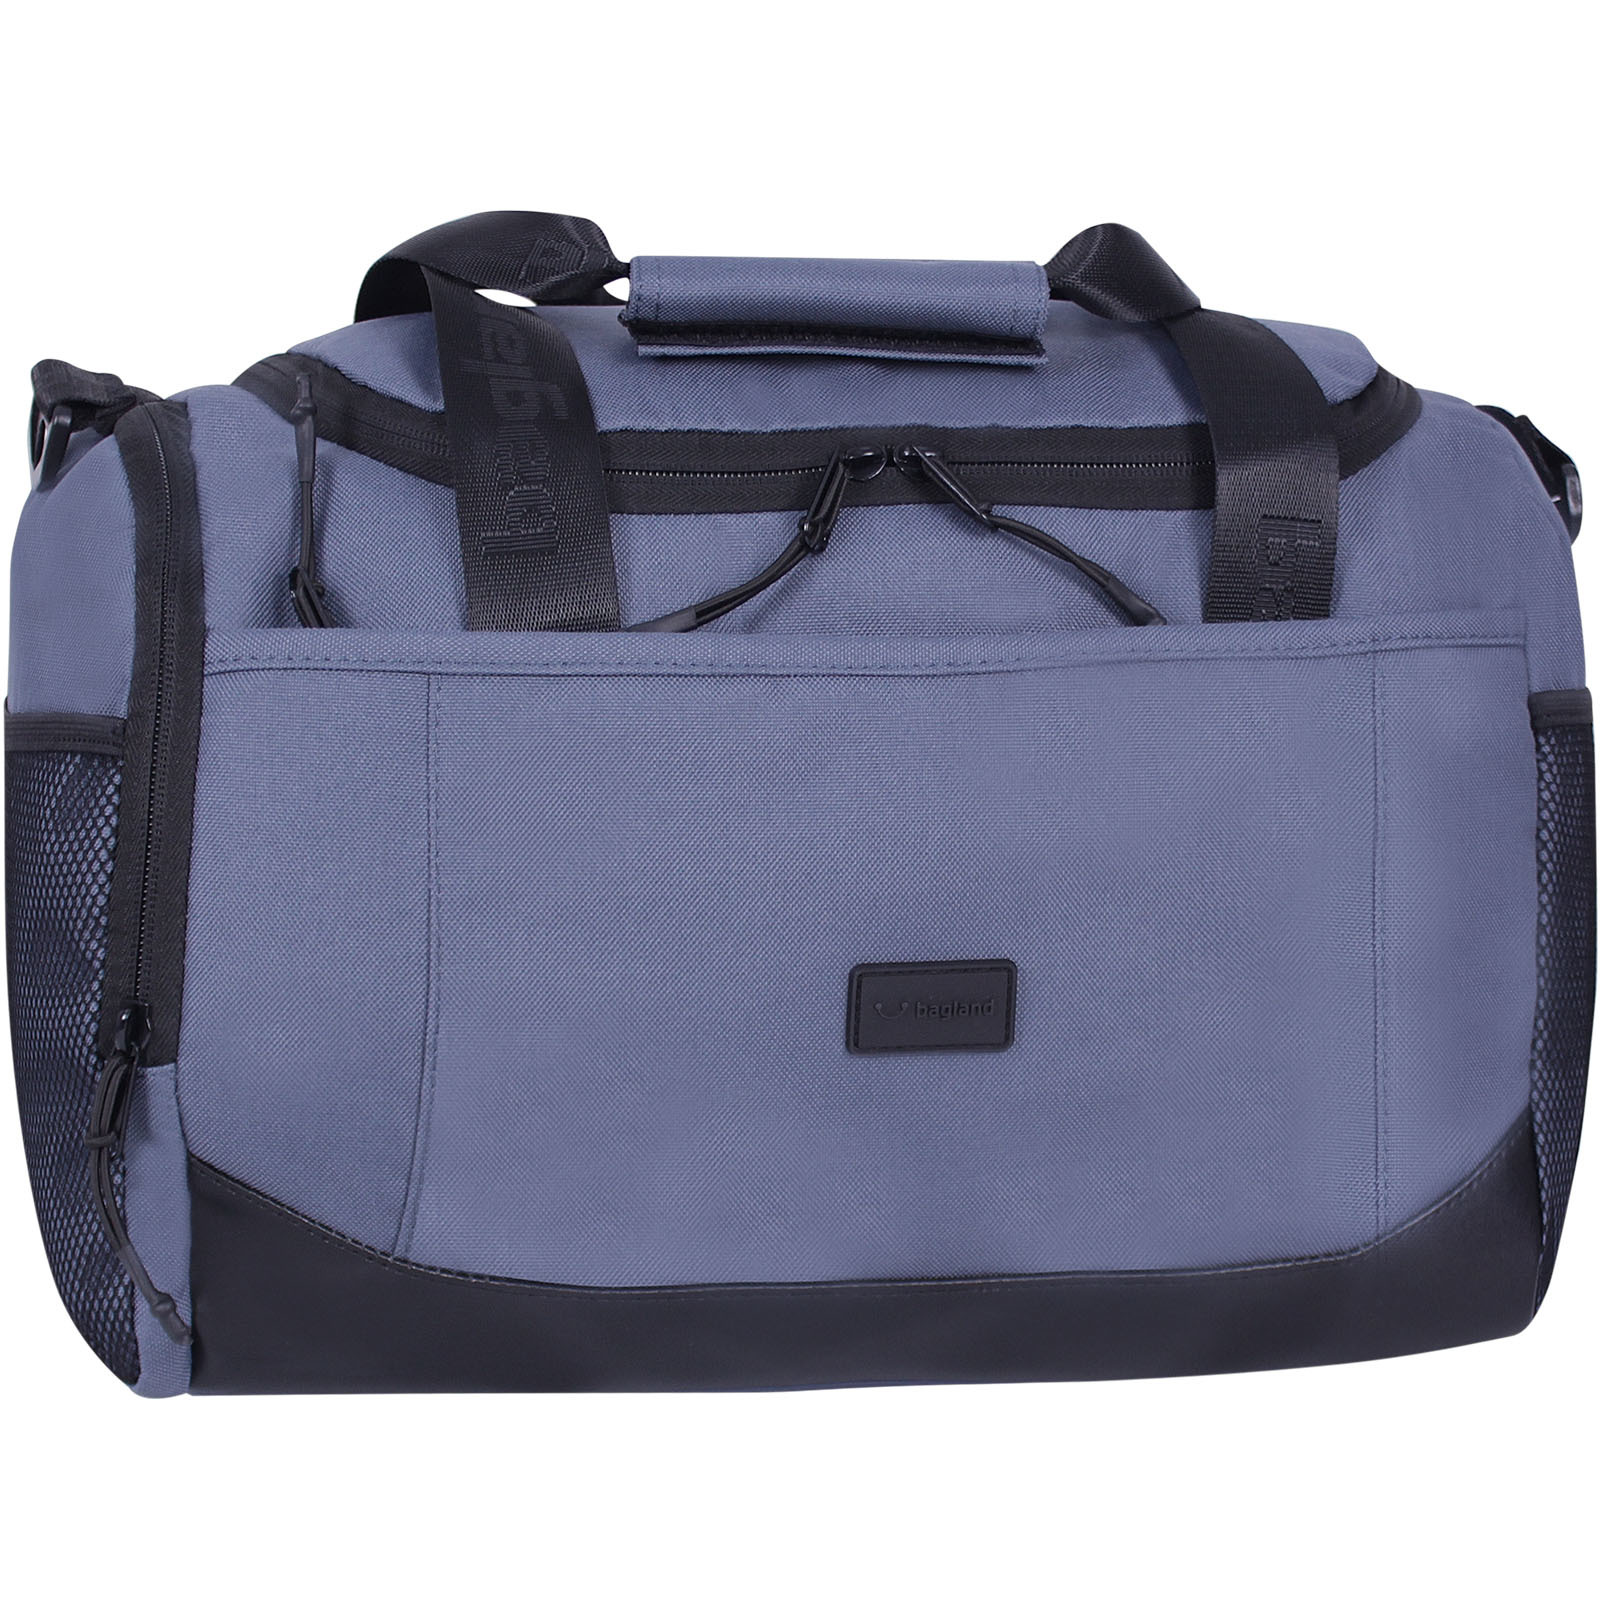 Дорожные сумки Сумка Bagland Albany 20 л. Серый (0032666) IMG_6116-1600.jpg